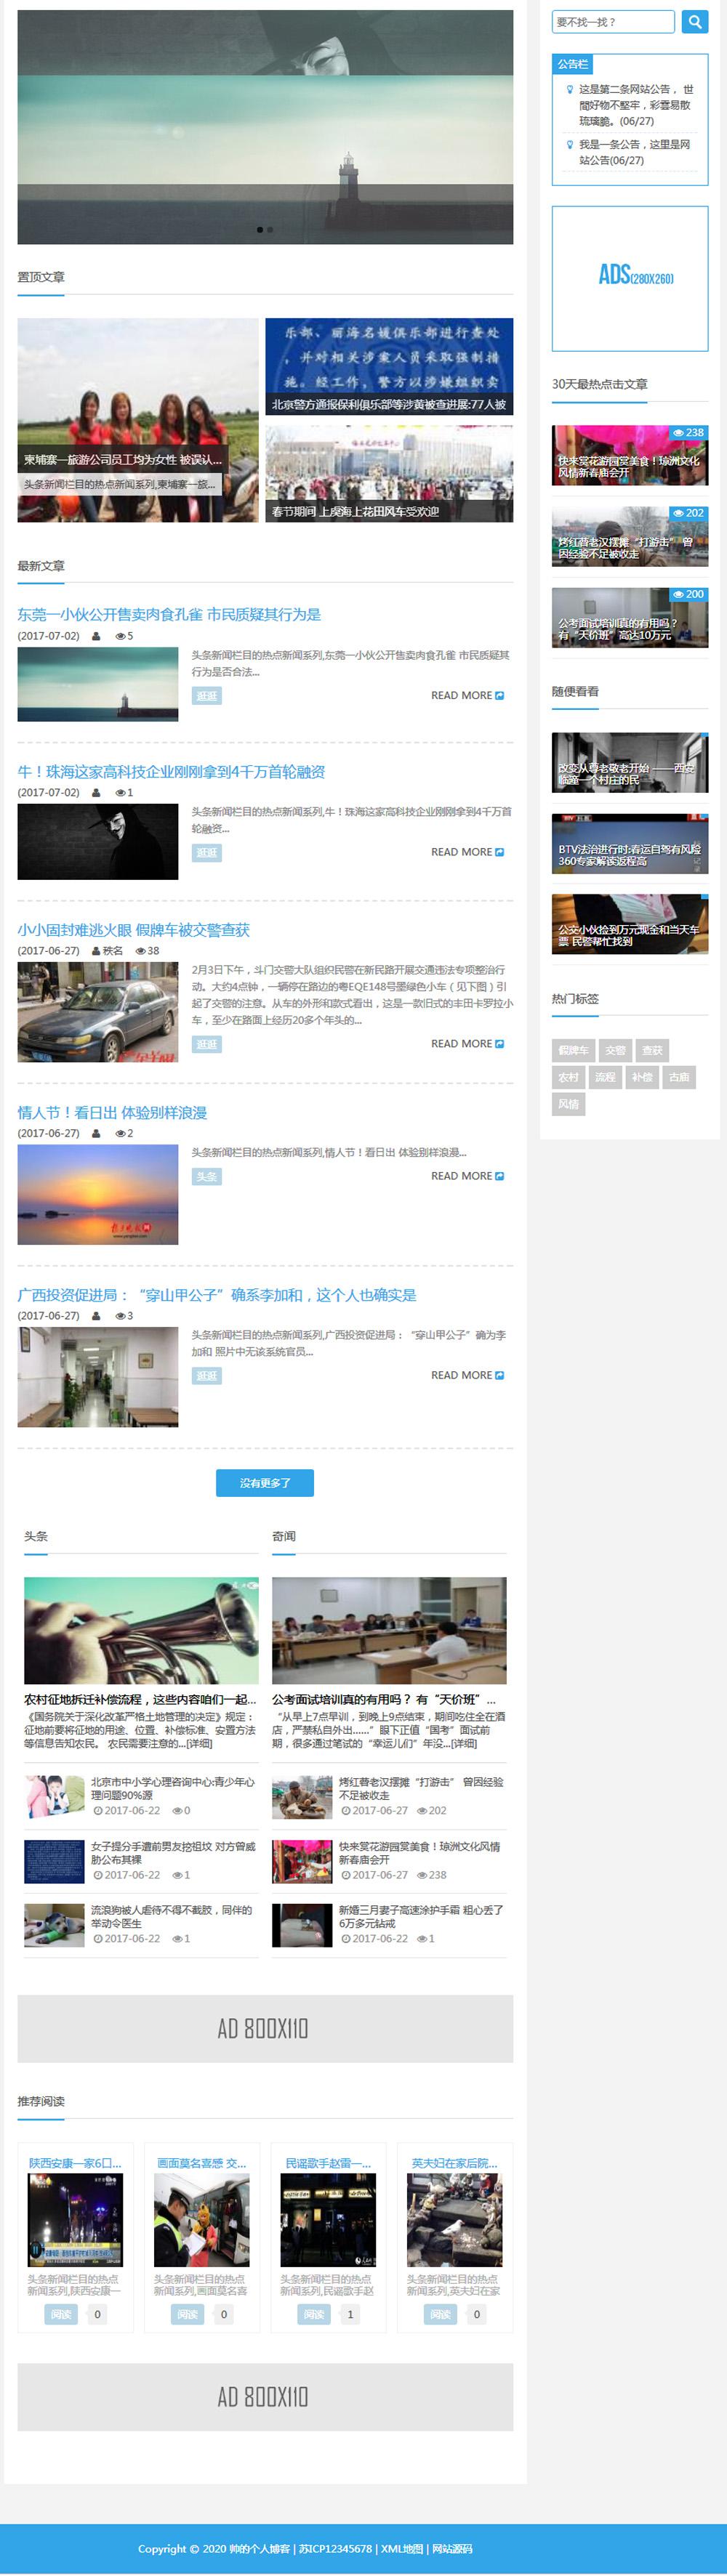 网站建设-个人博客自媒体